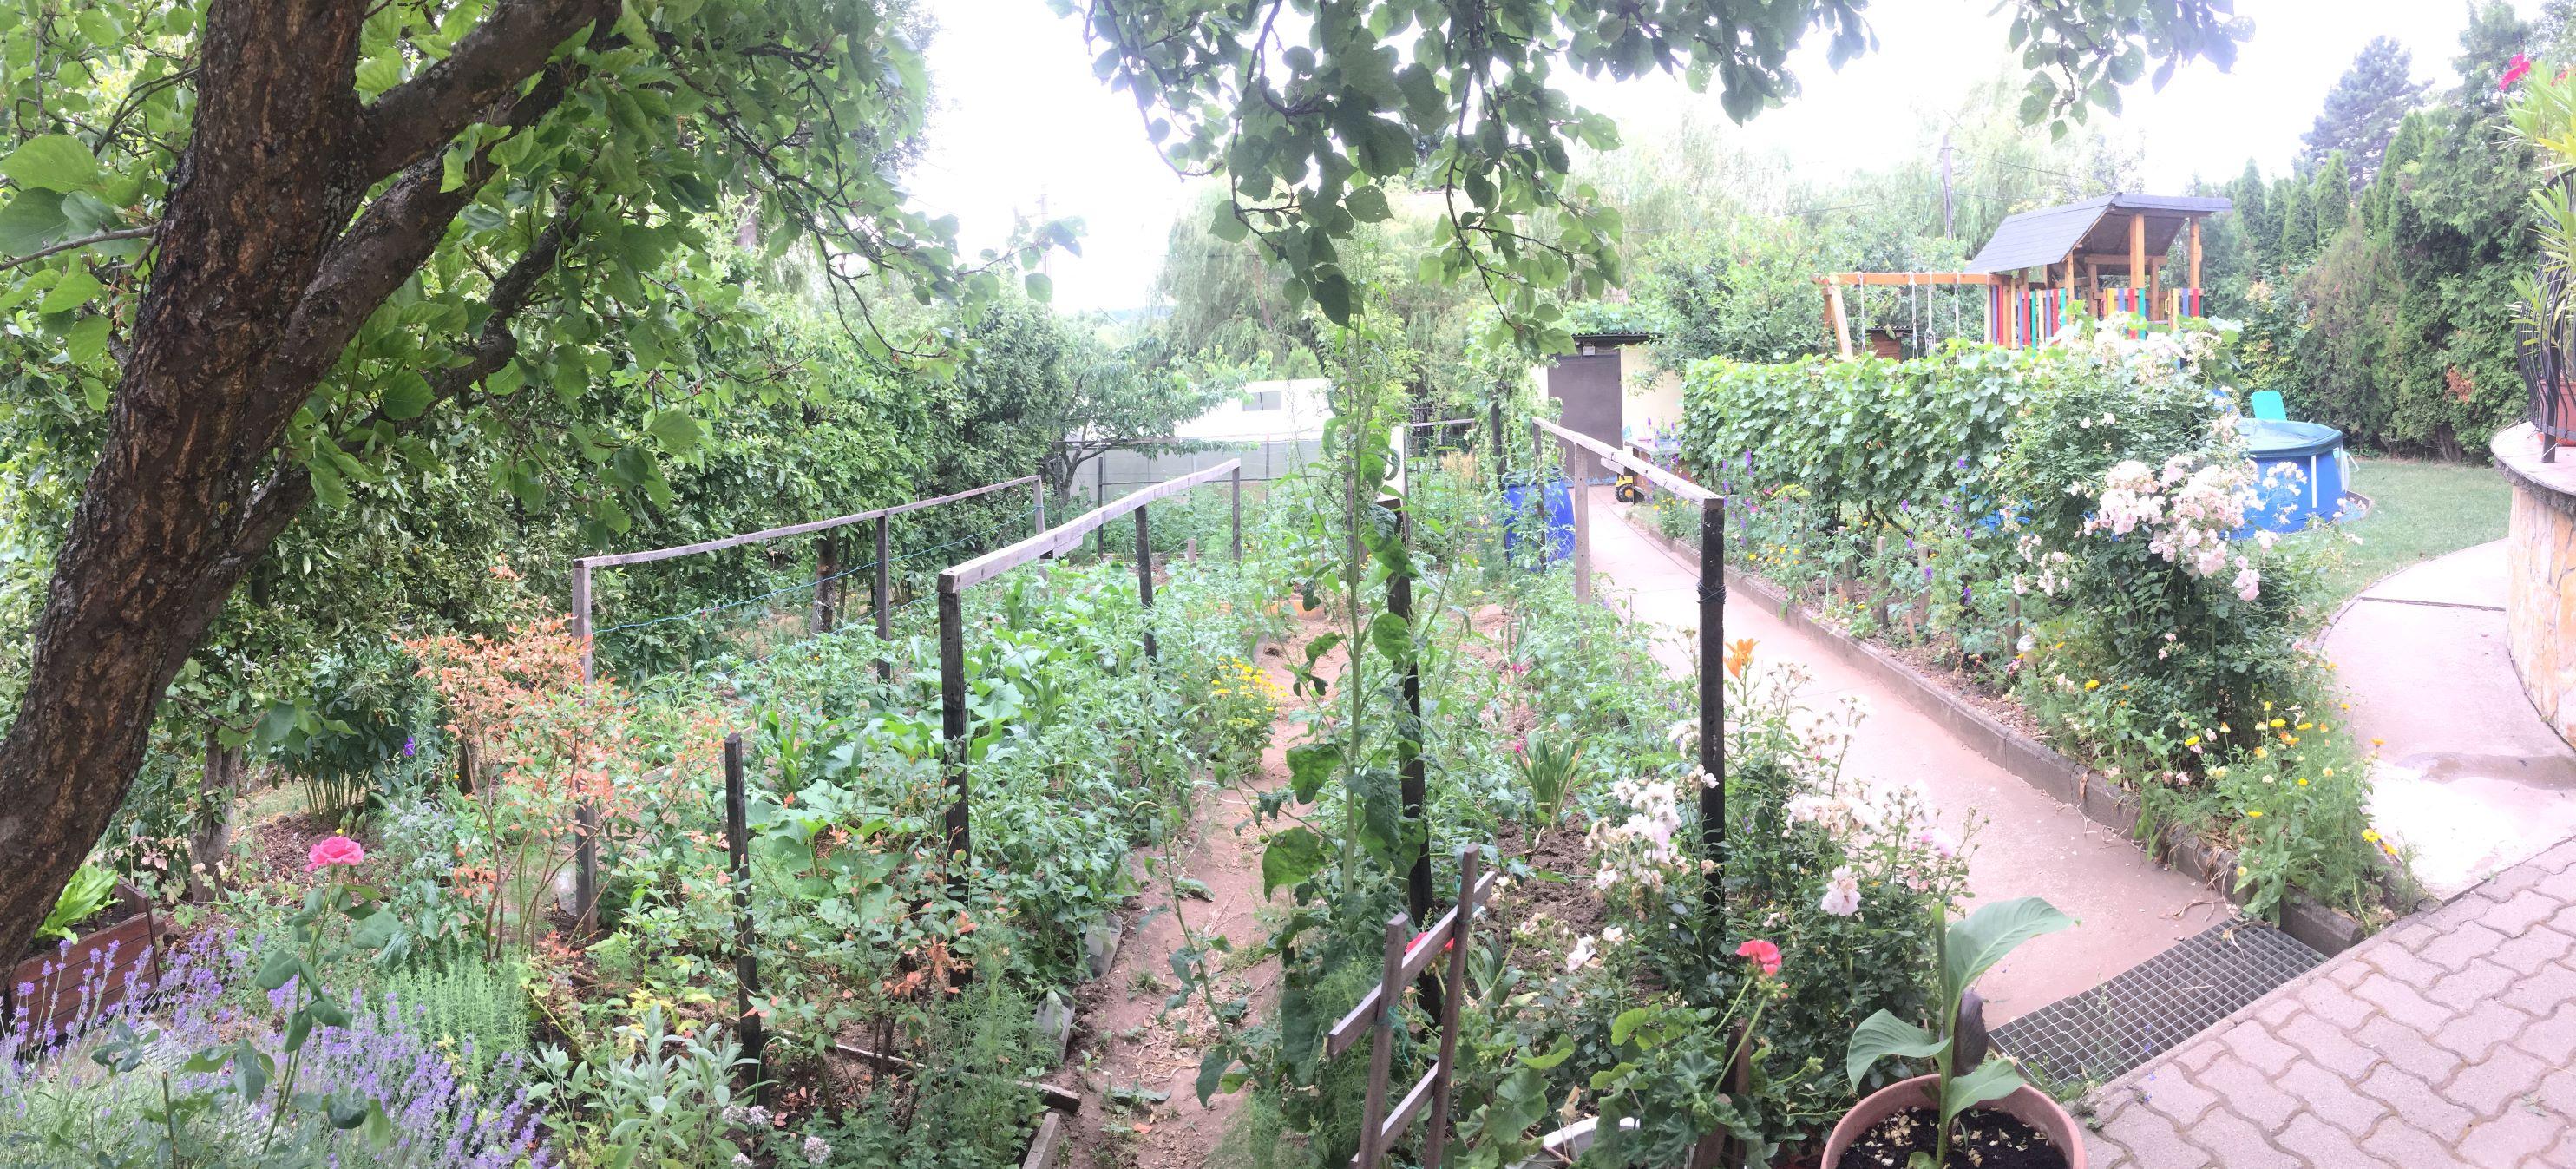 Bedő Antalné kertje